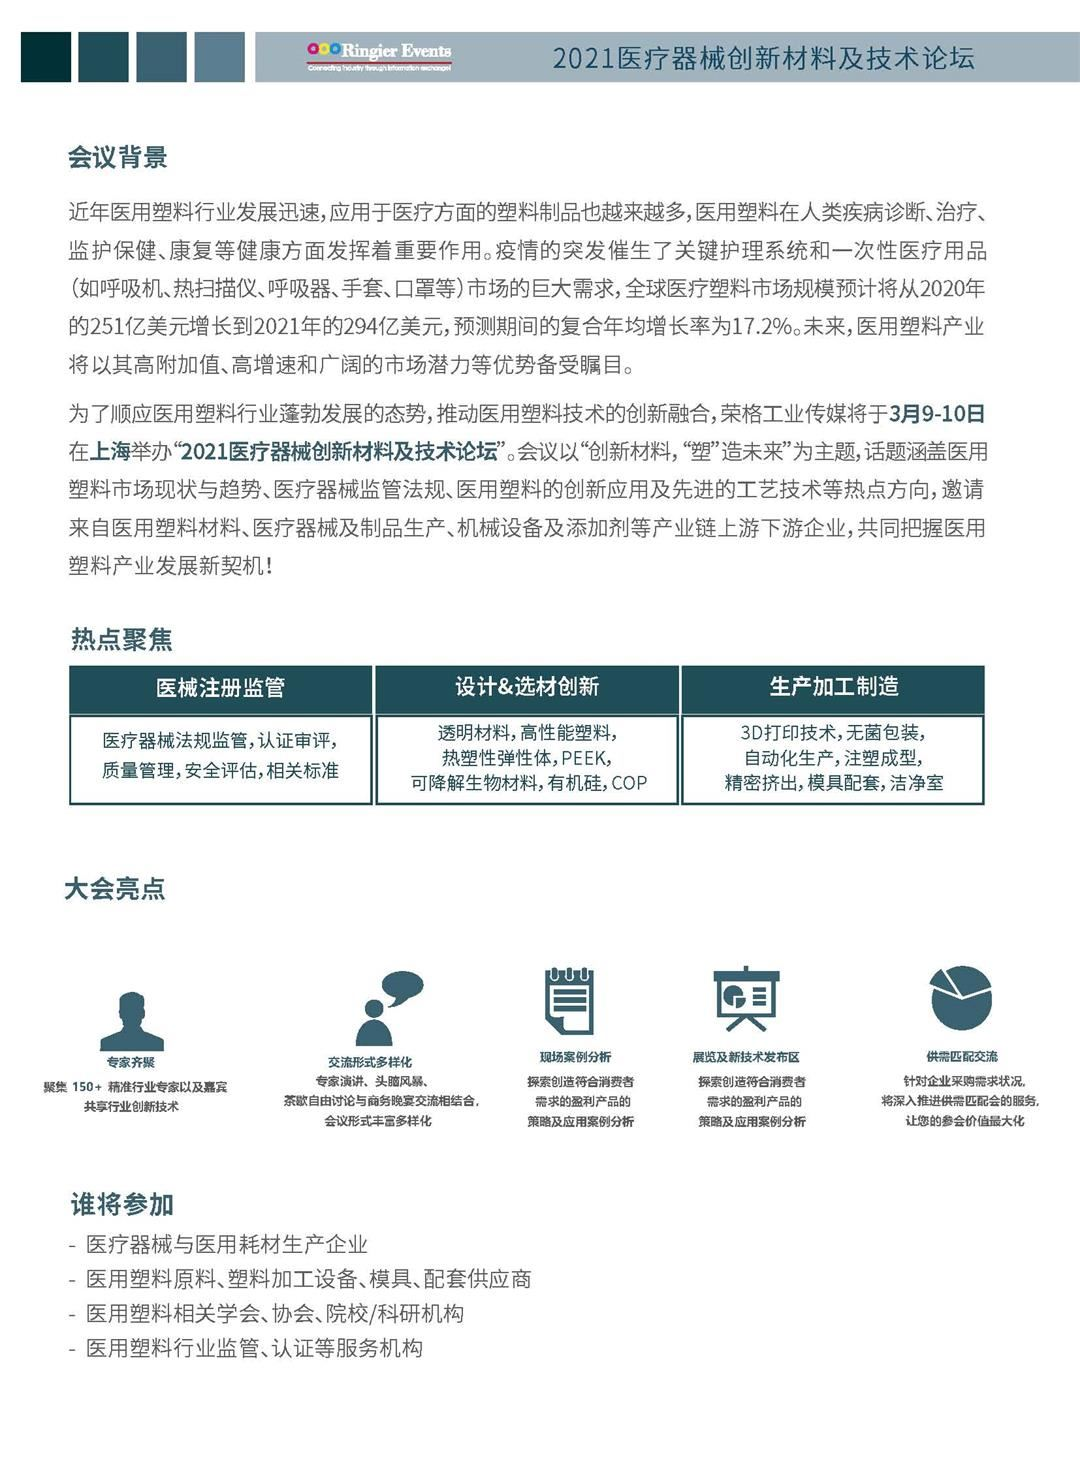 2021塑料大会_页面_09.jpg